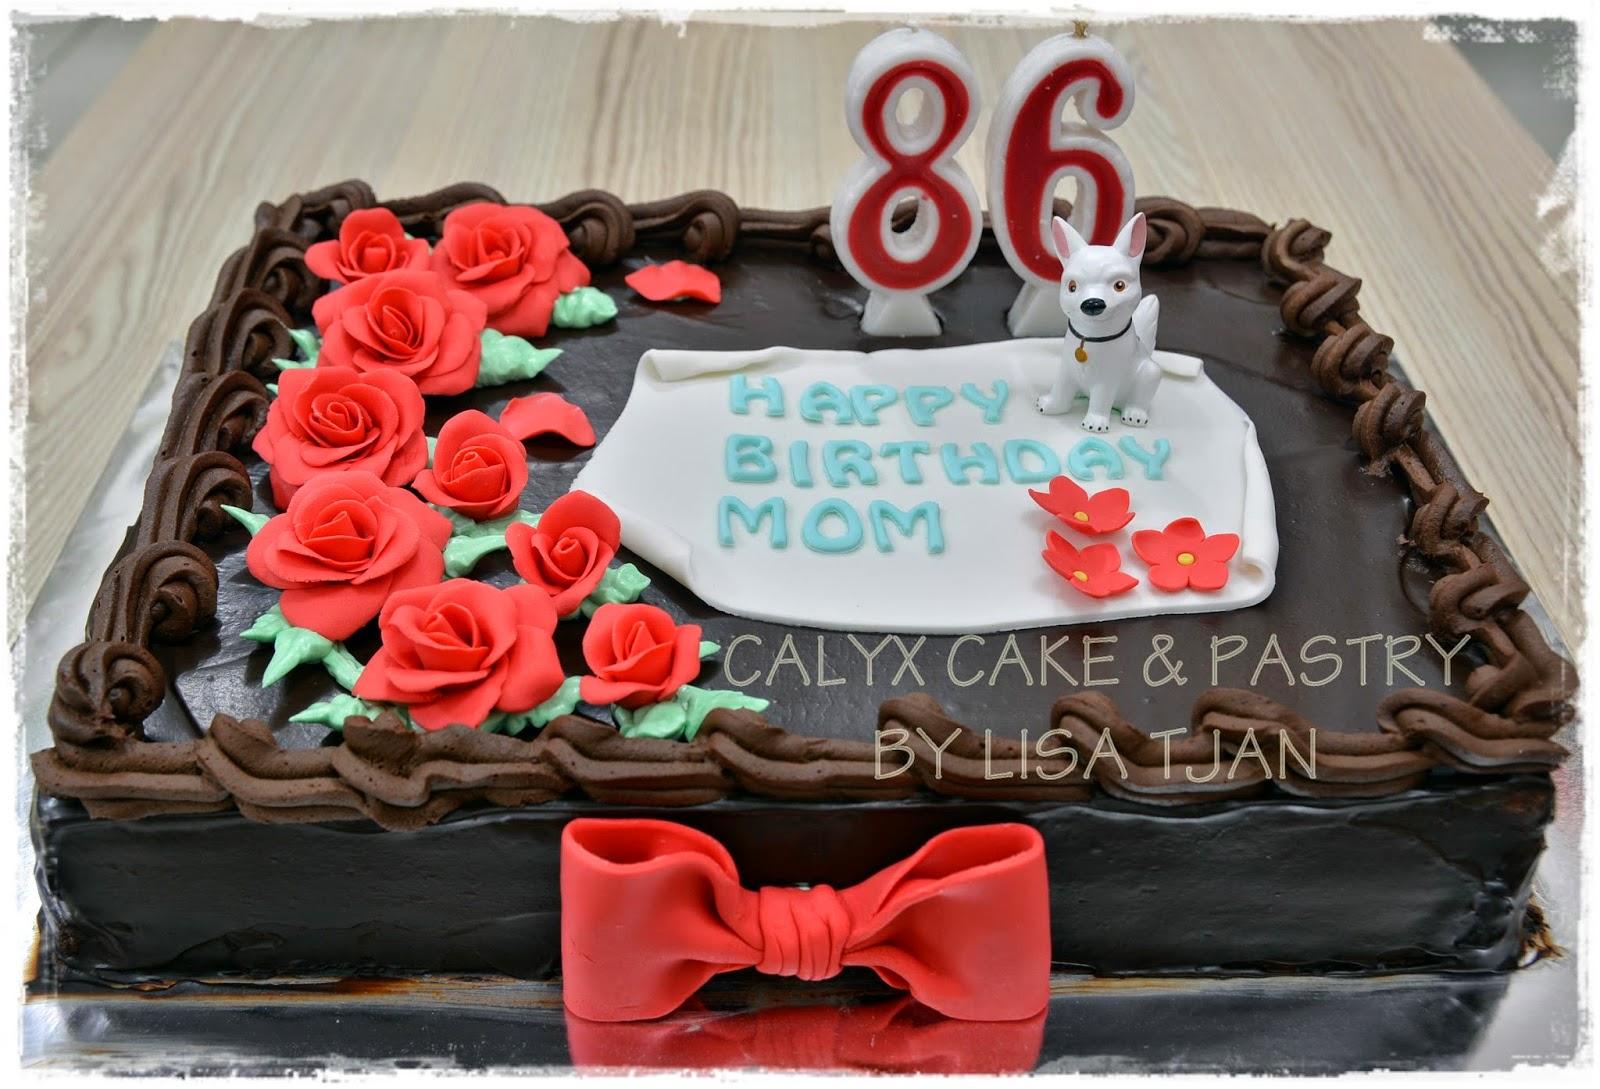 Calyx Cake Pastry